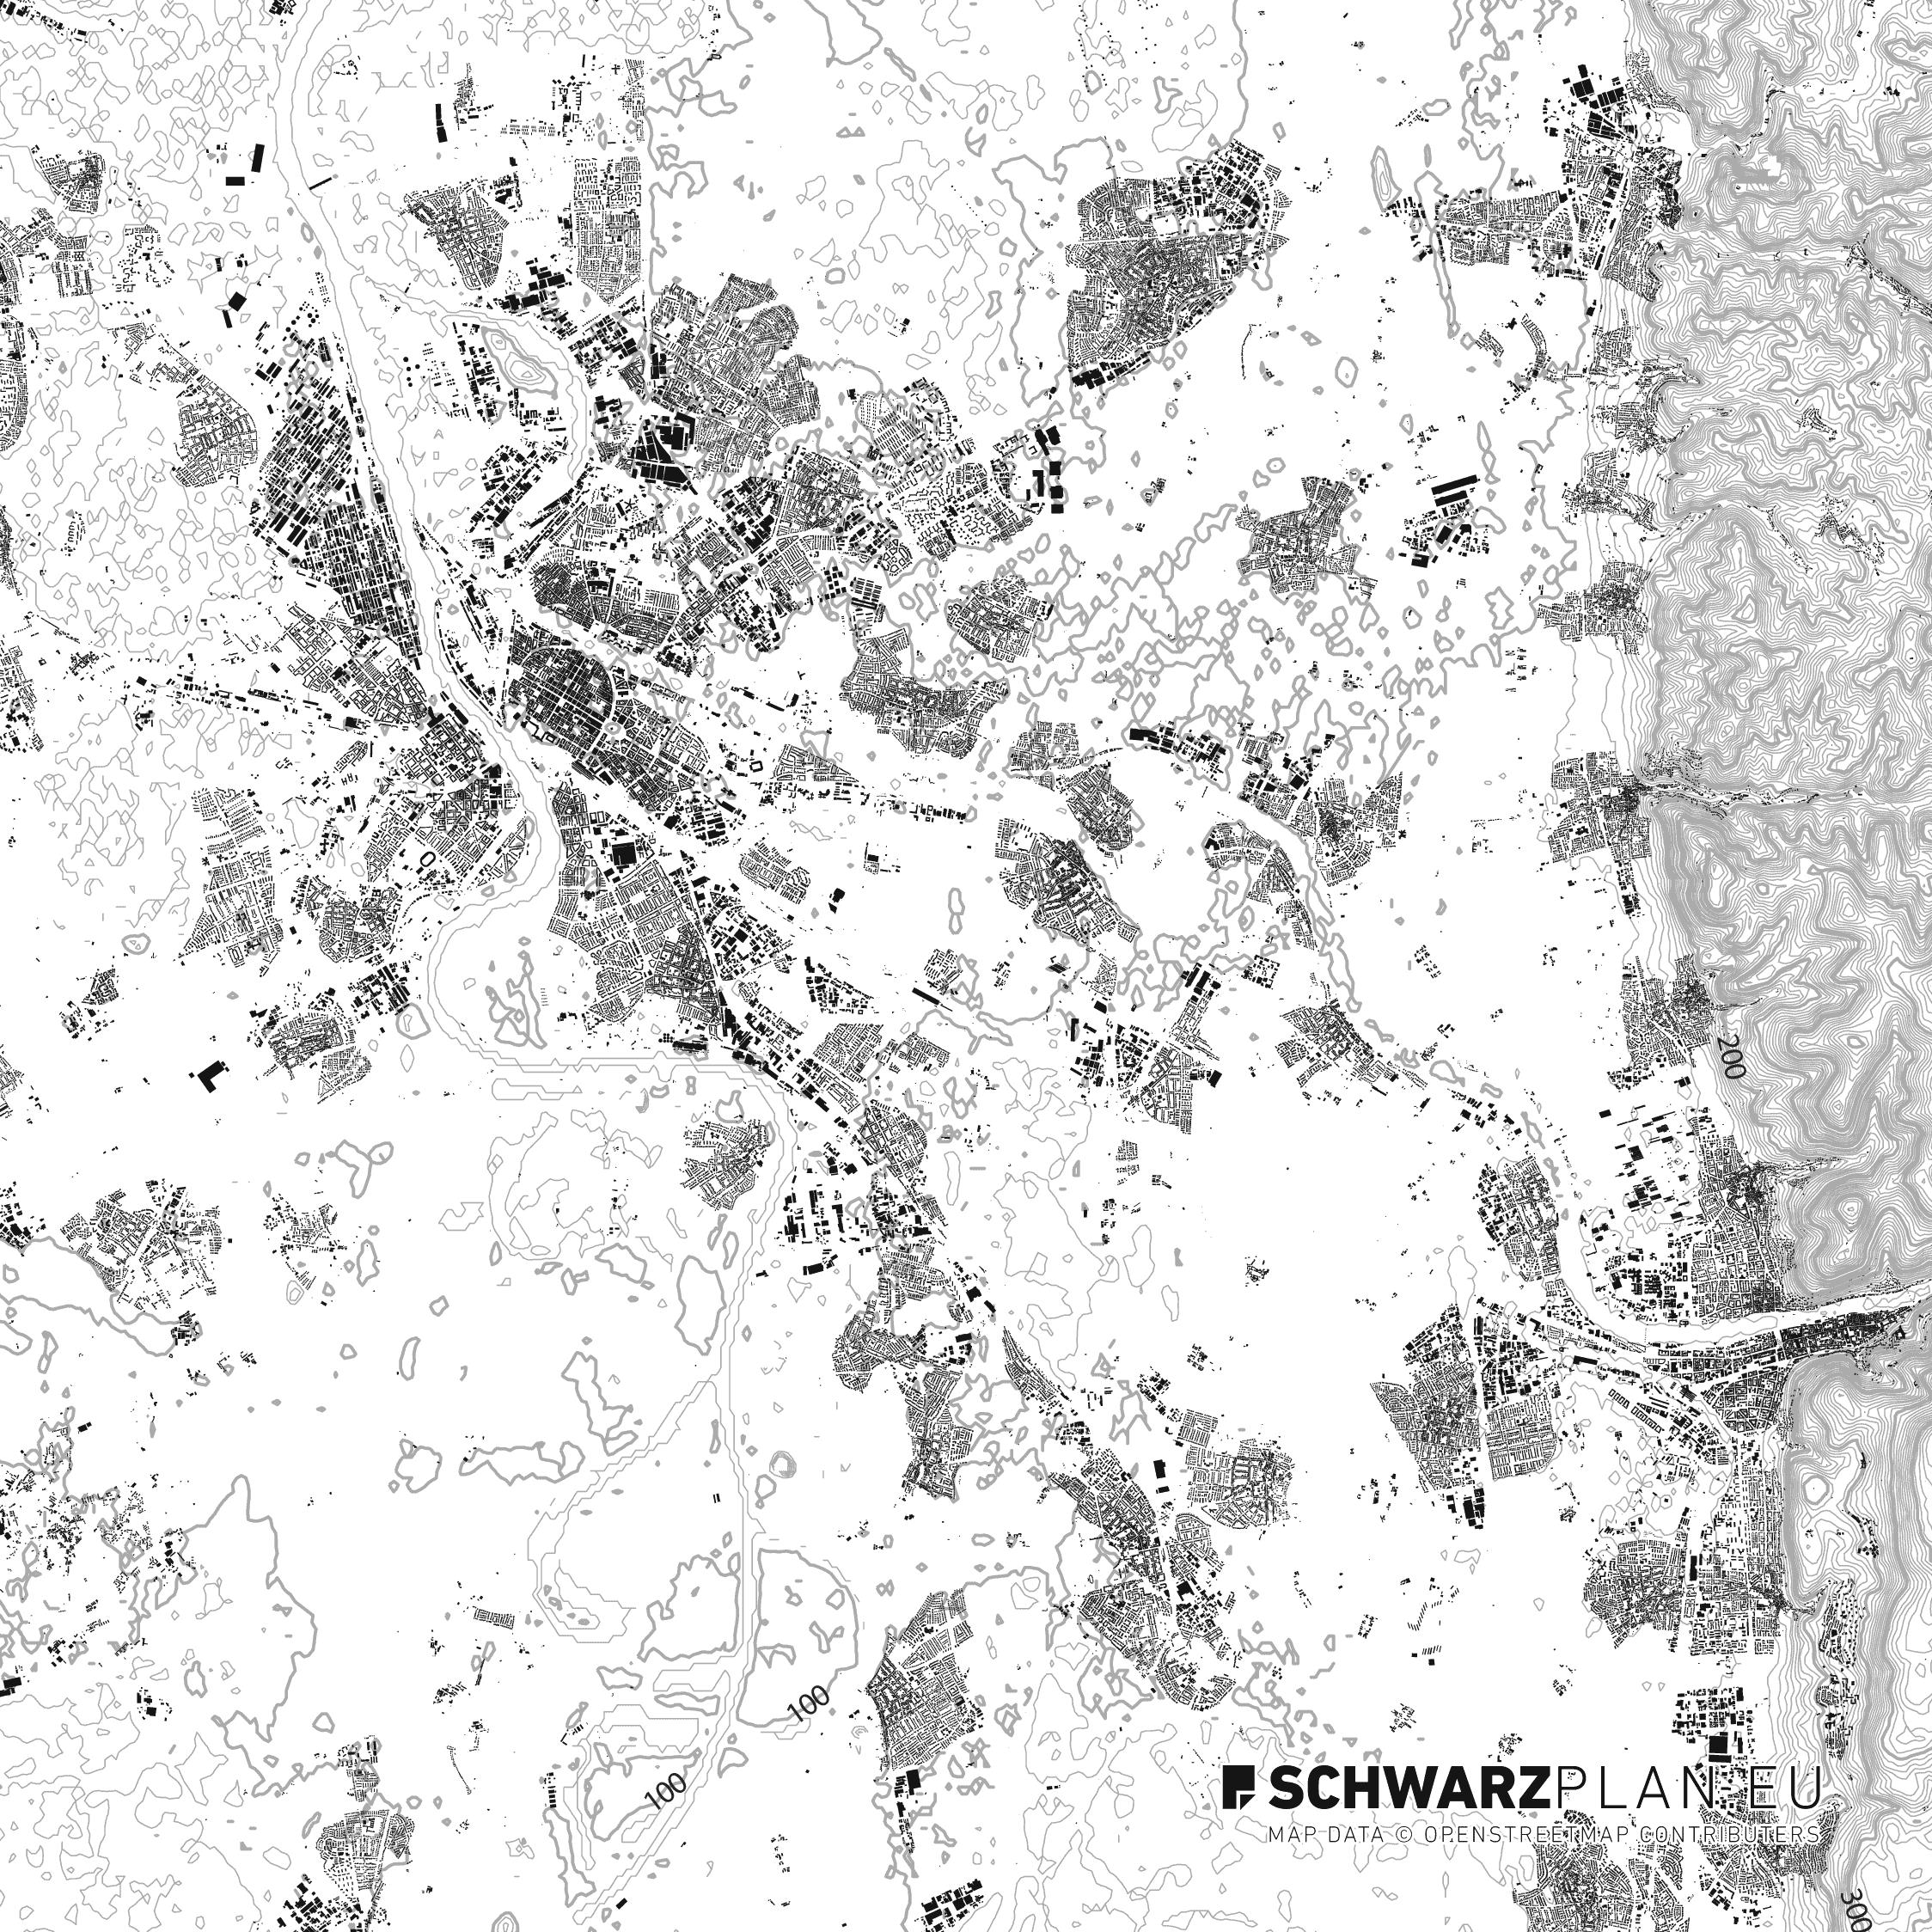 Schwarzplan von Heidelberg